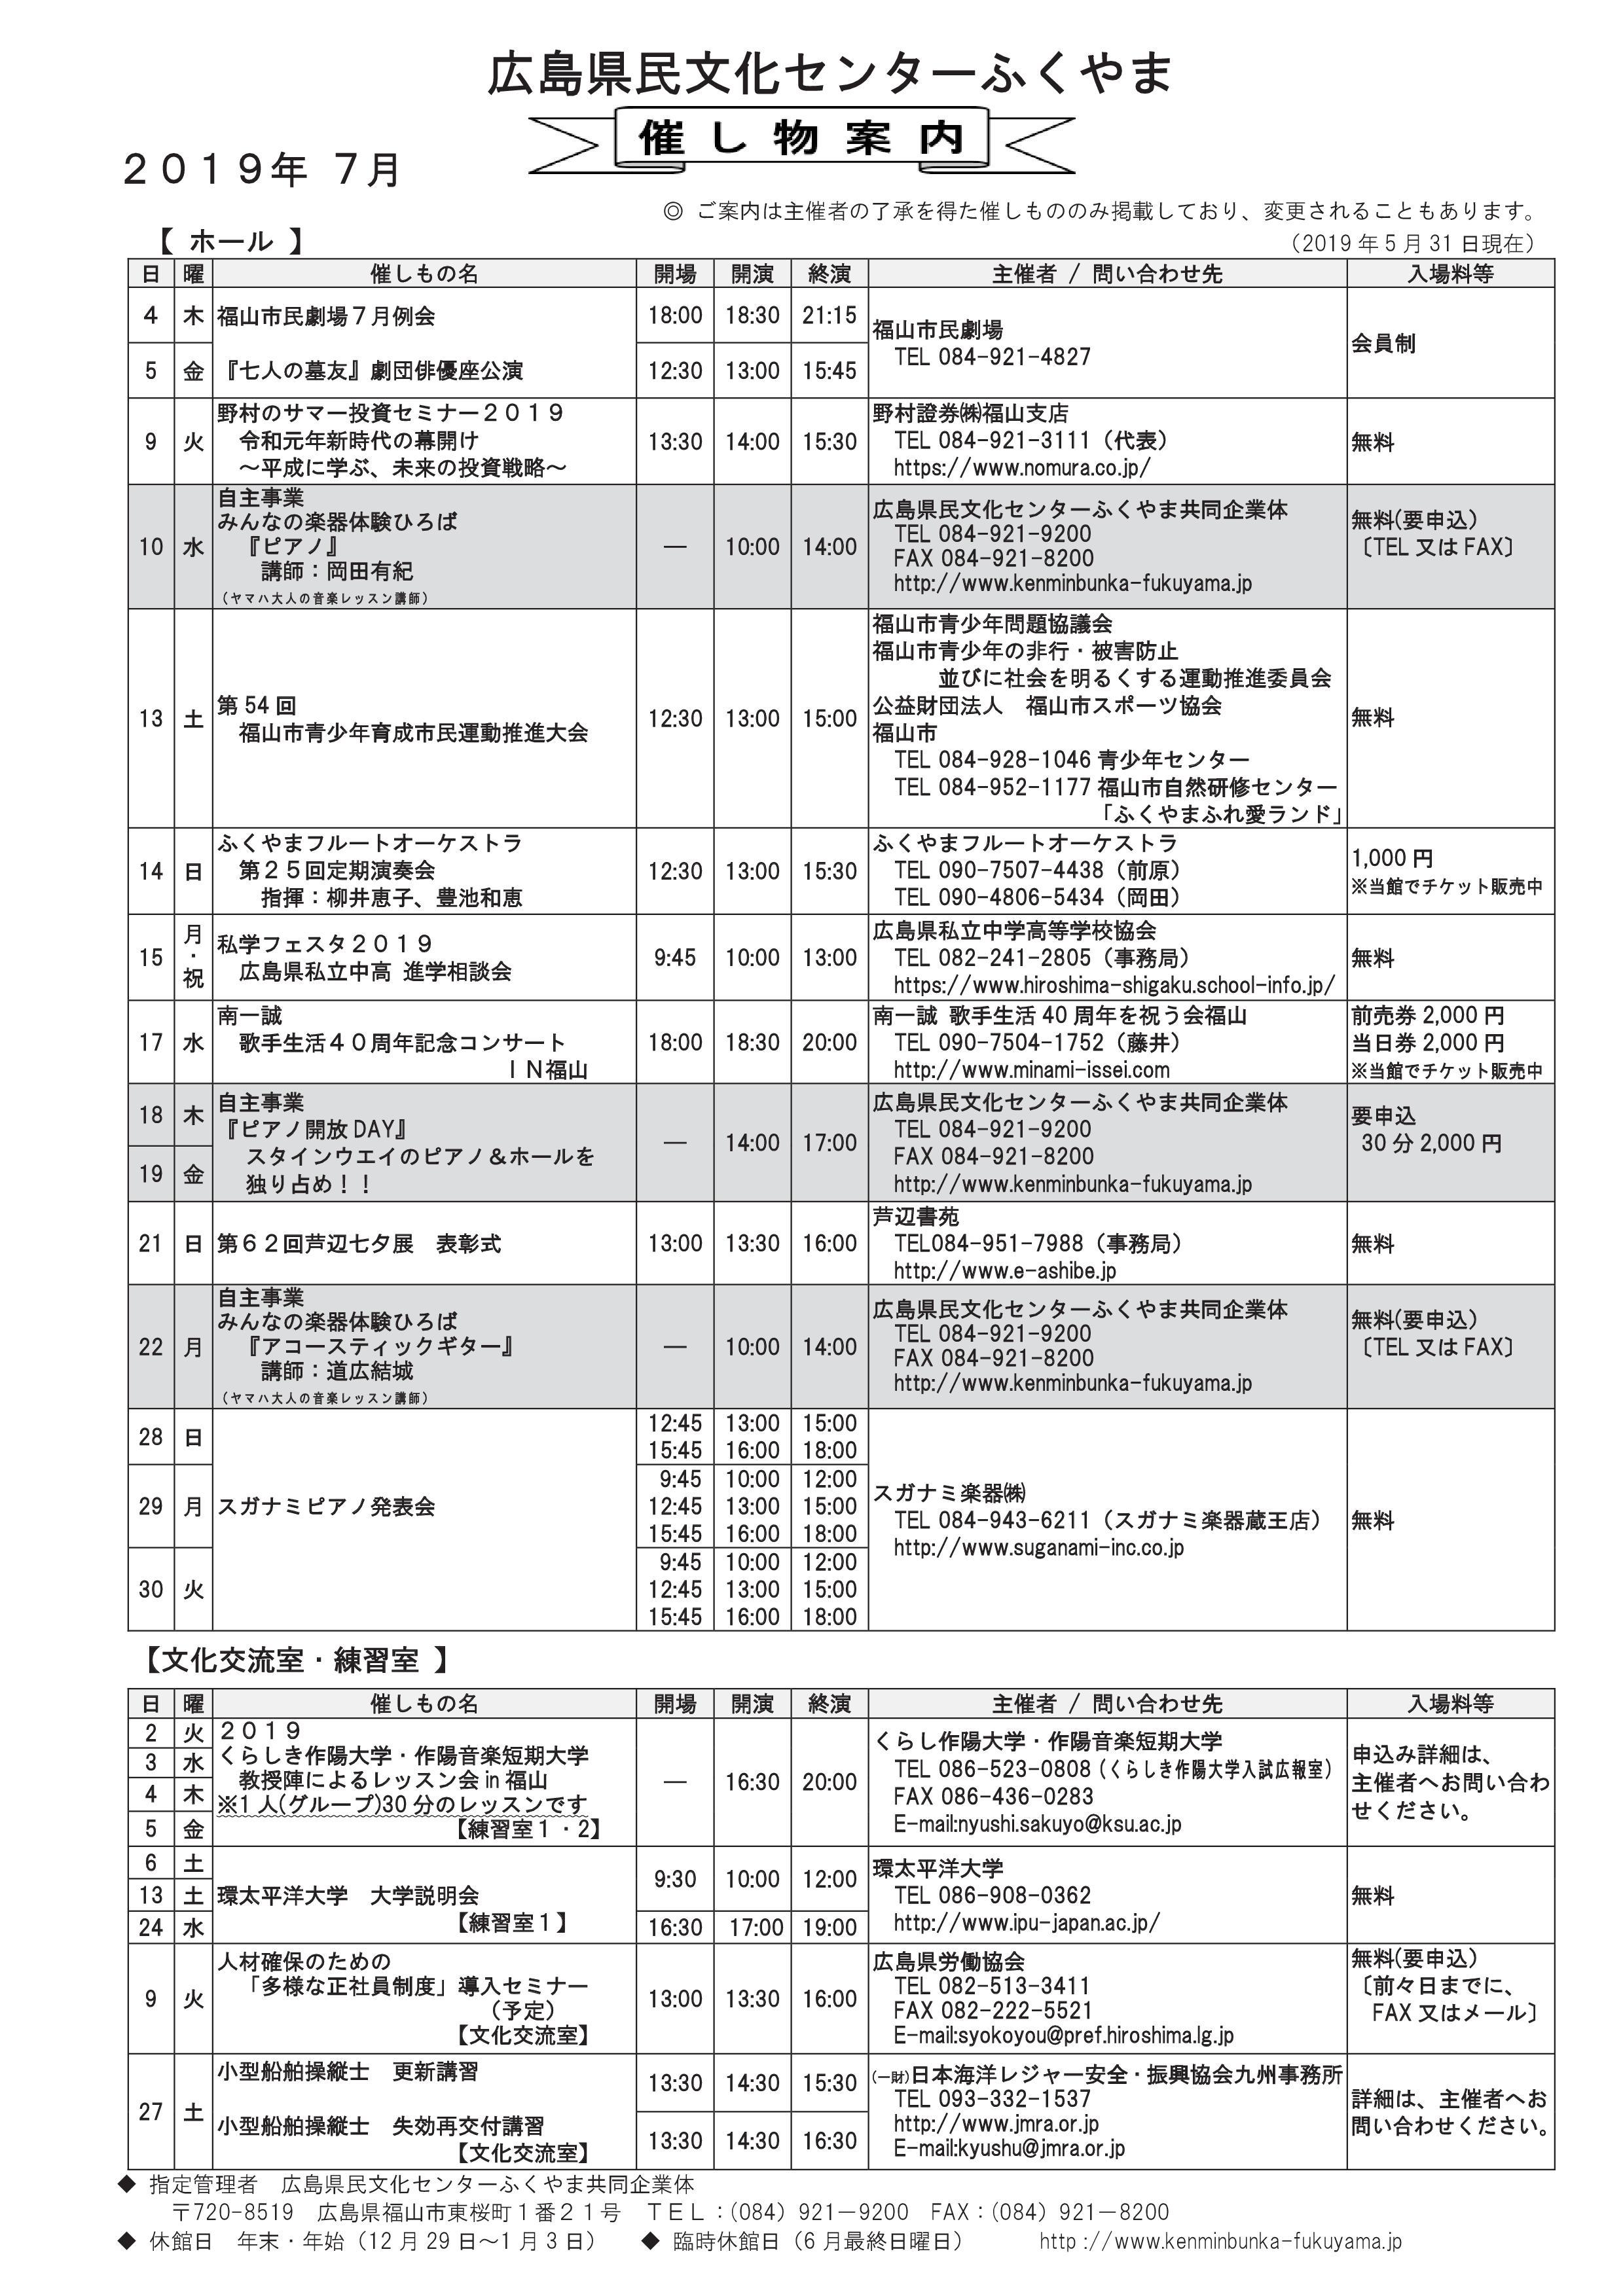 2019年7月(改)